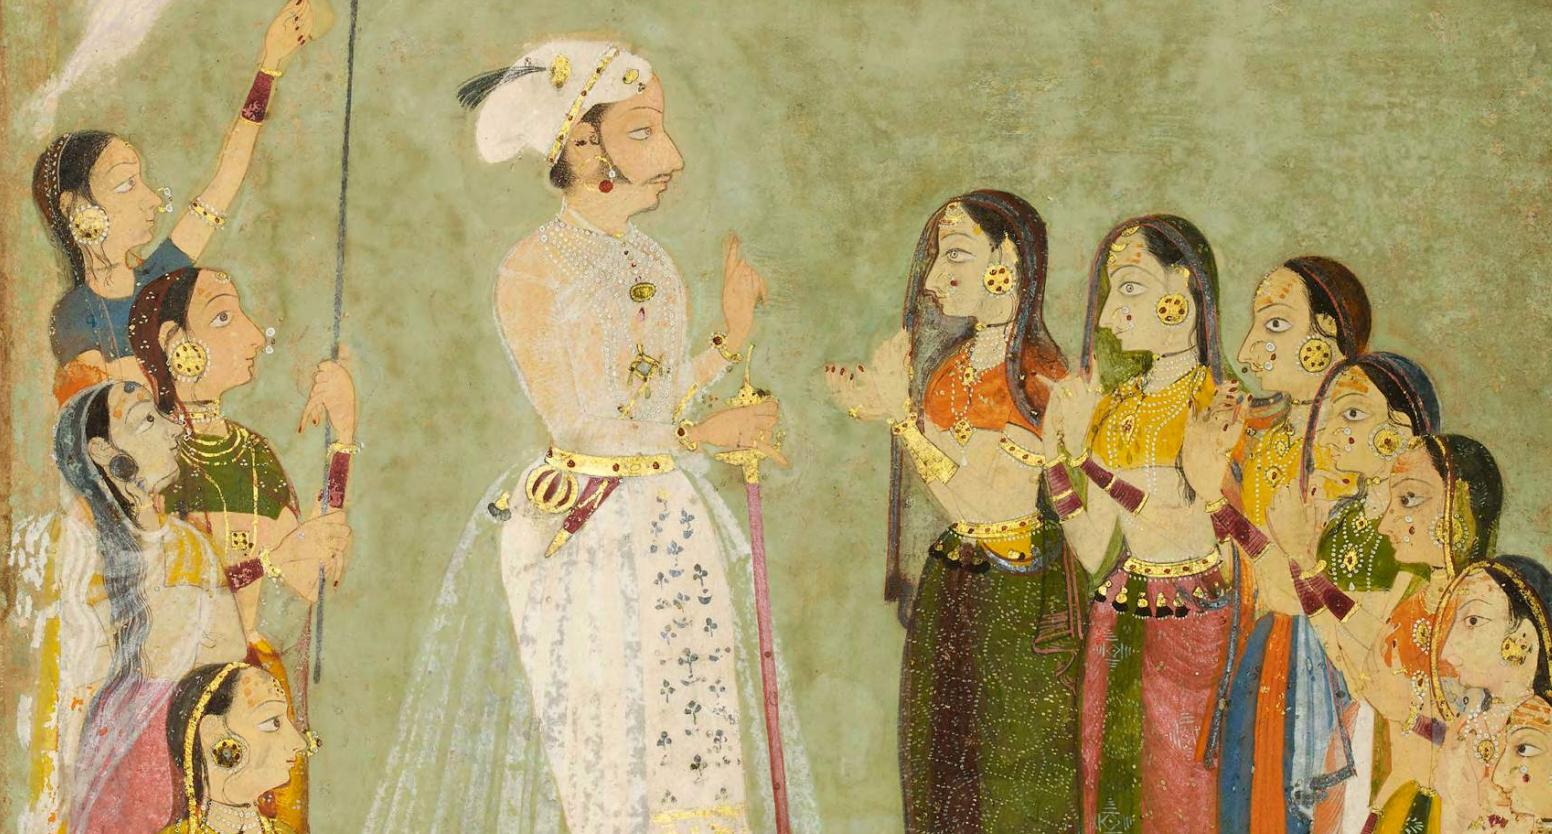 Prince Amar Singh of Mewar with ladies Udaipur, c. 1695, (detail)